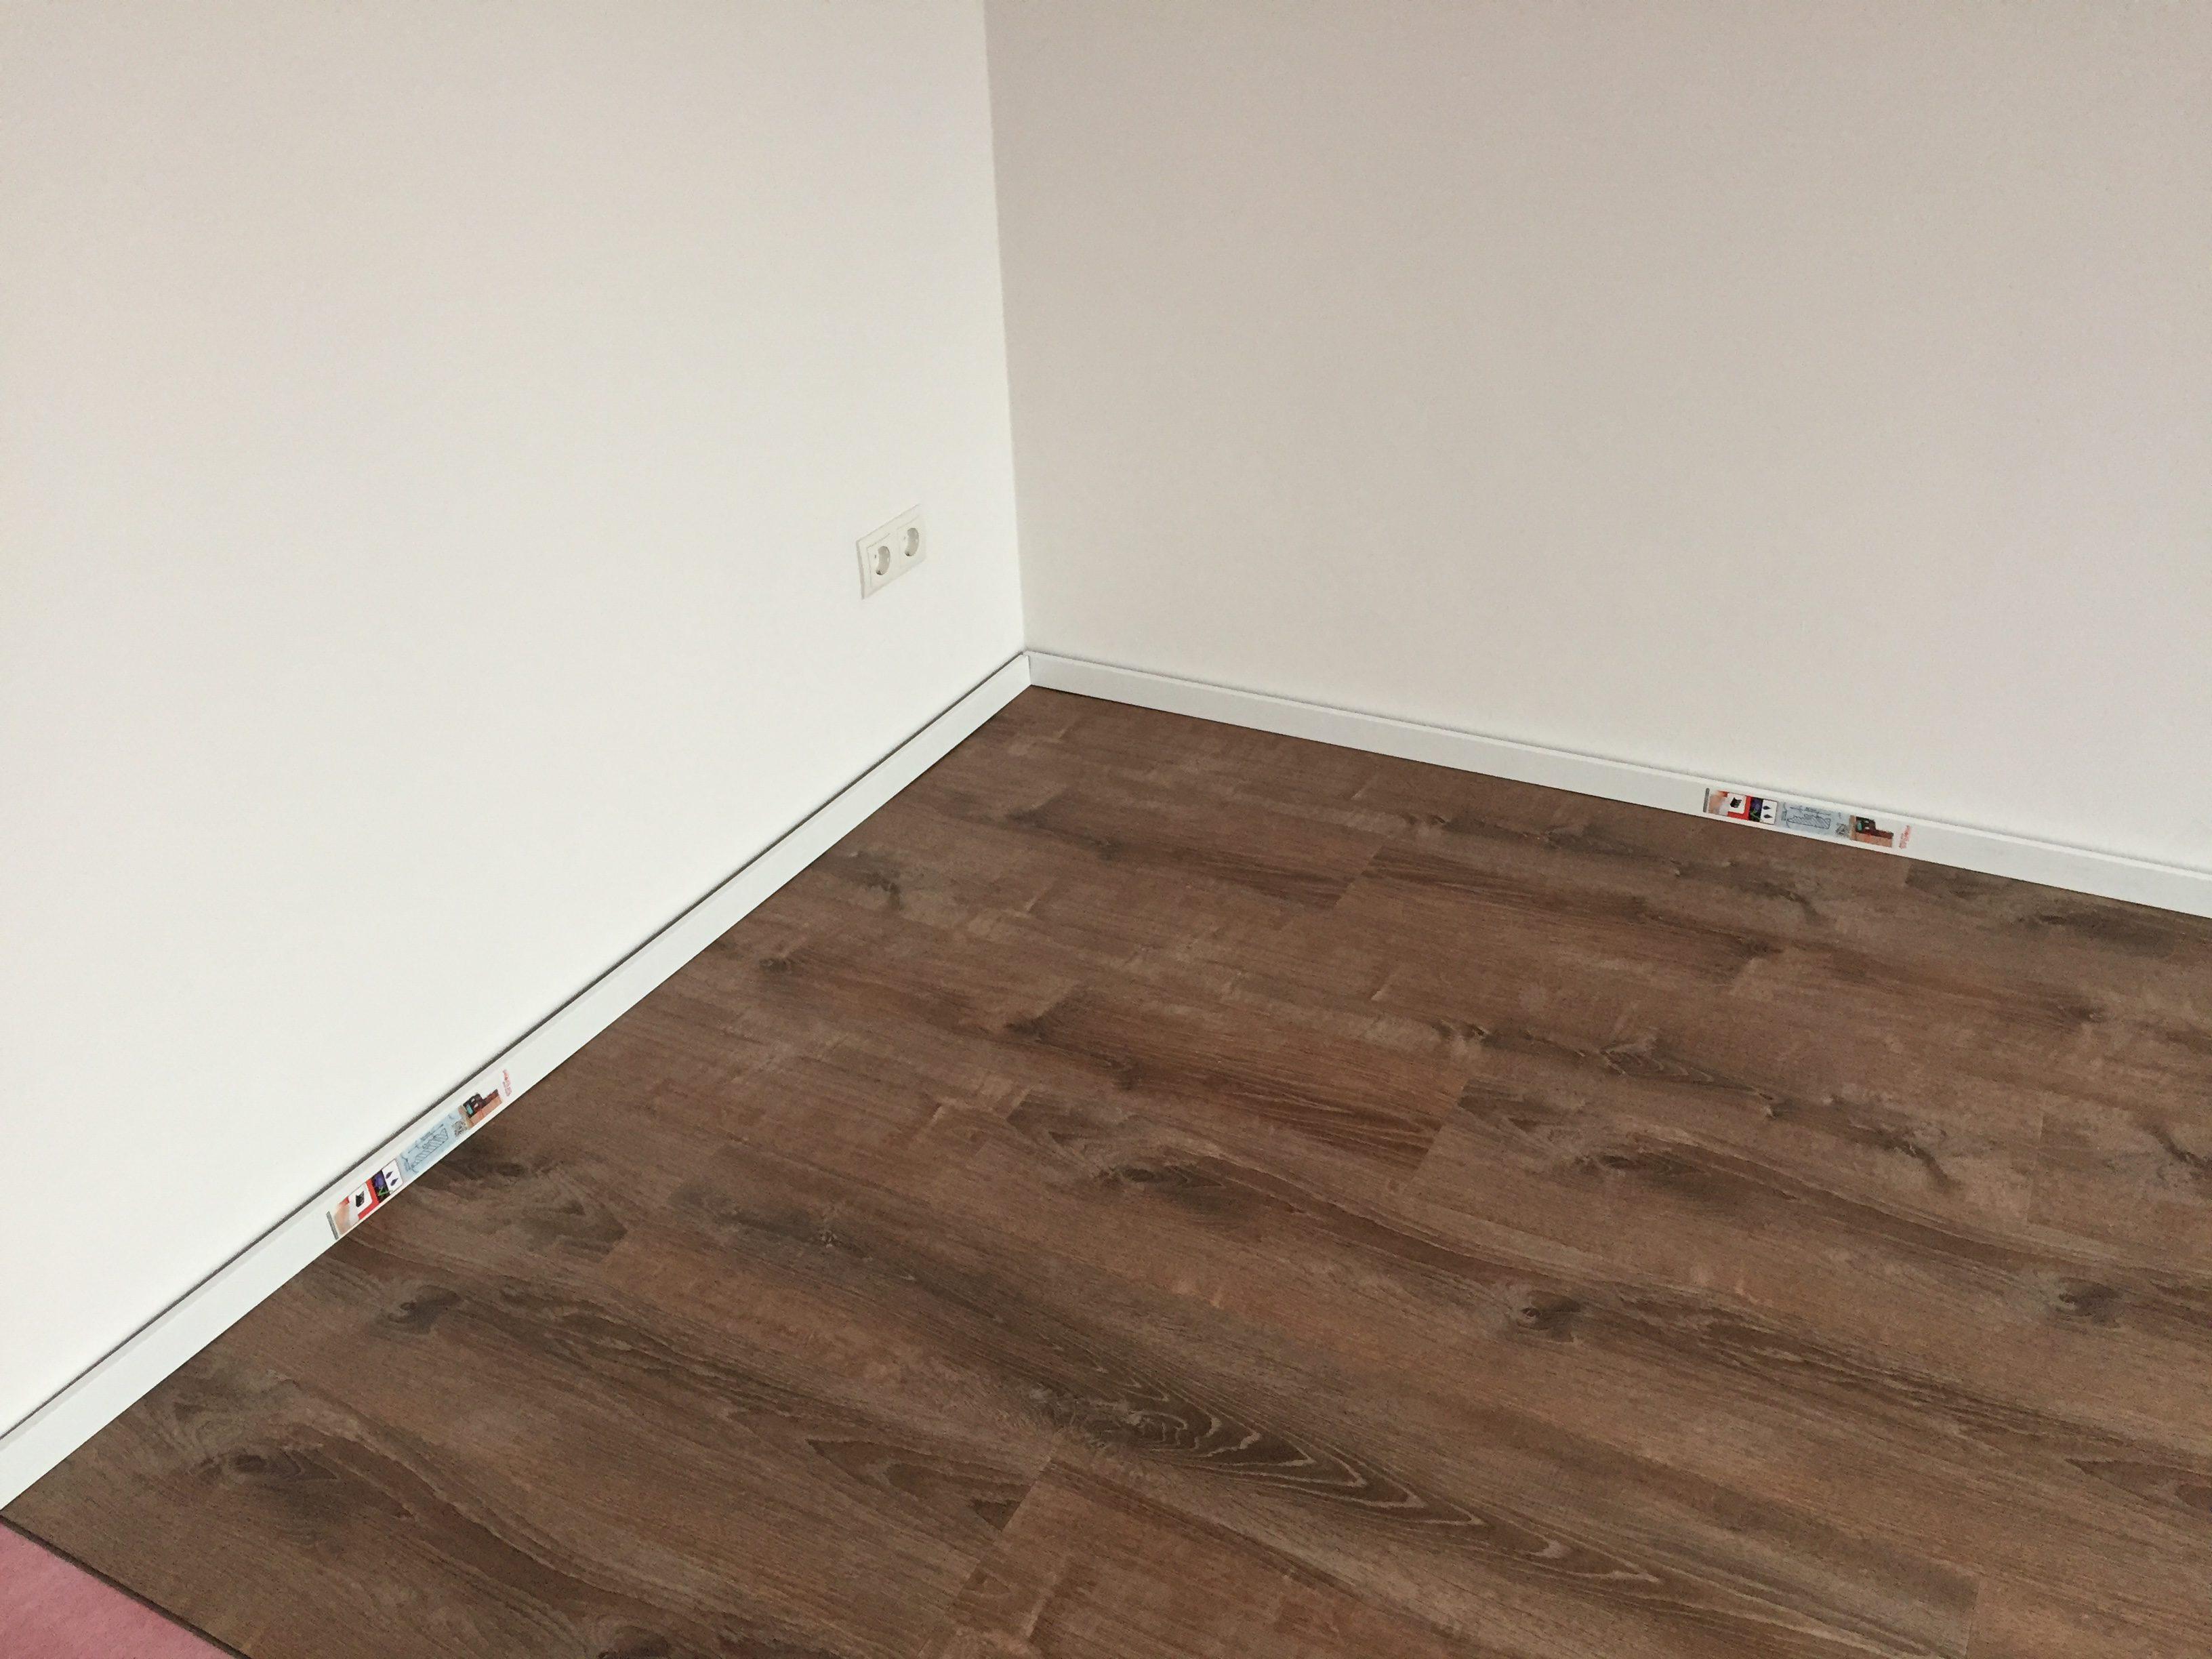 Vinyl Fußboden Stärke ~ Ein boden für das ganze haus vinylboden test diewarentester.de